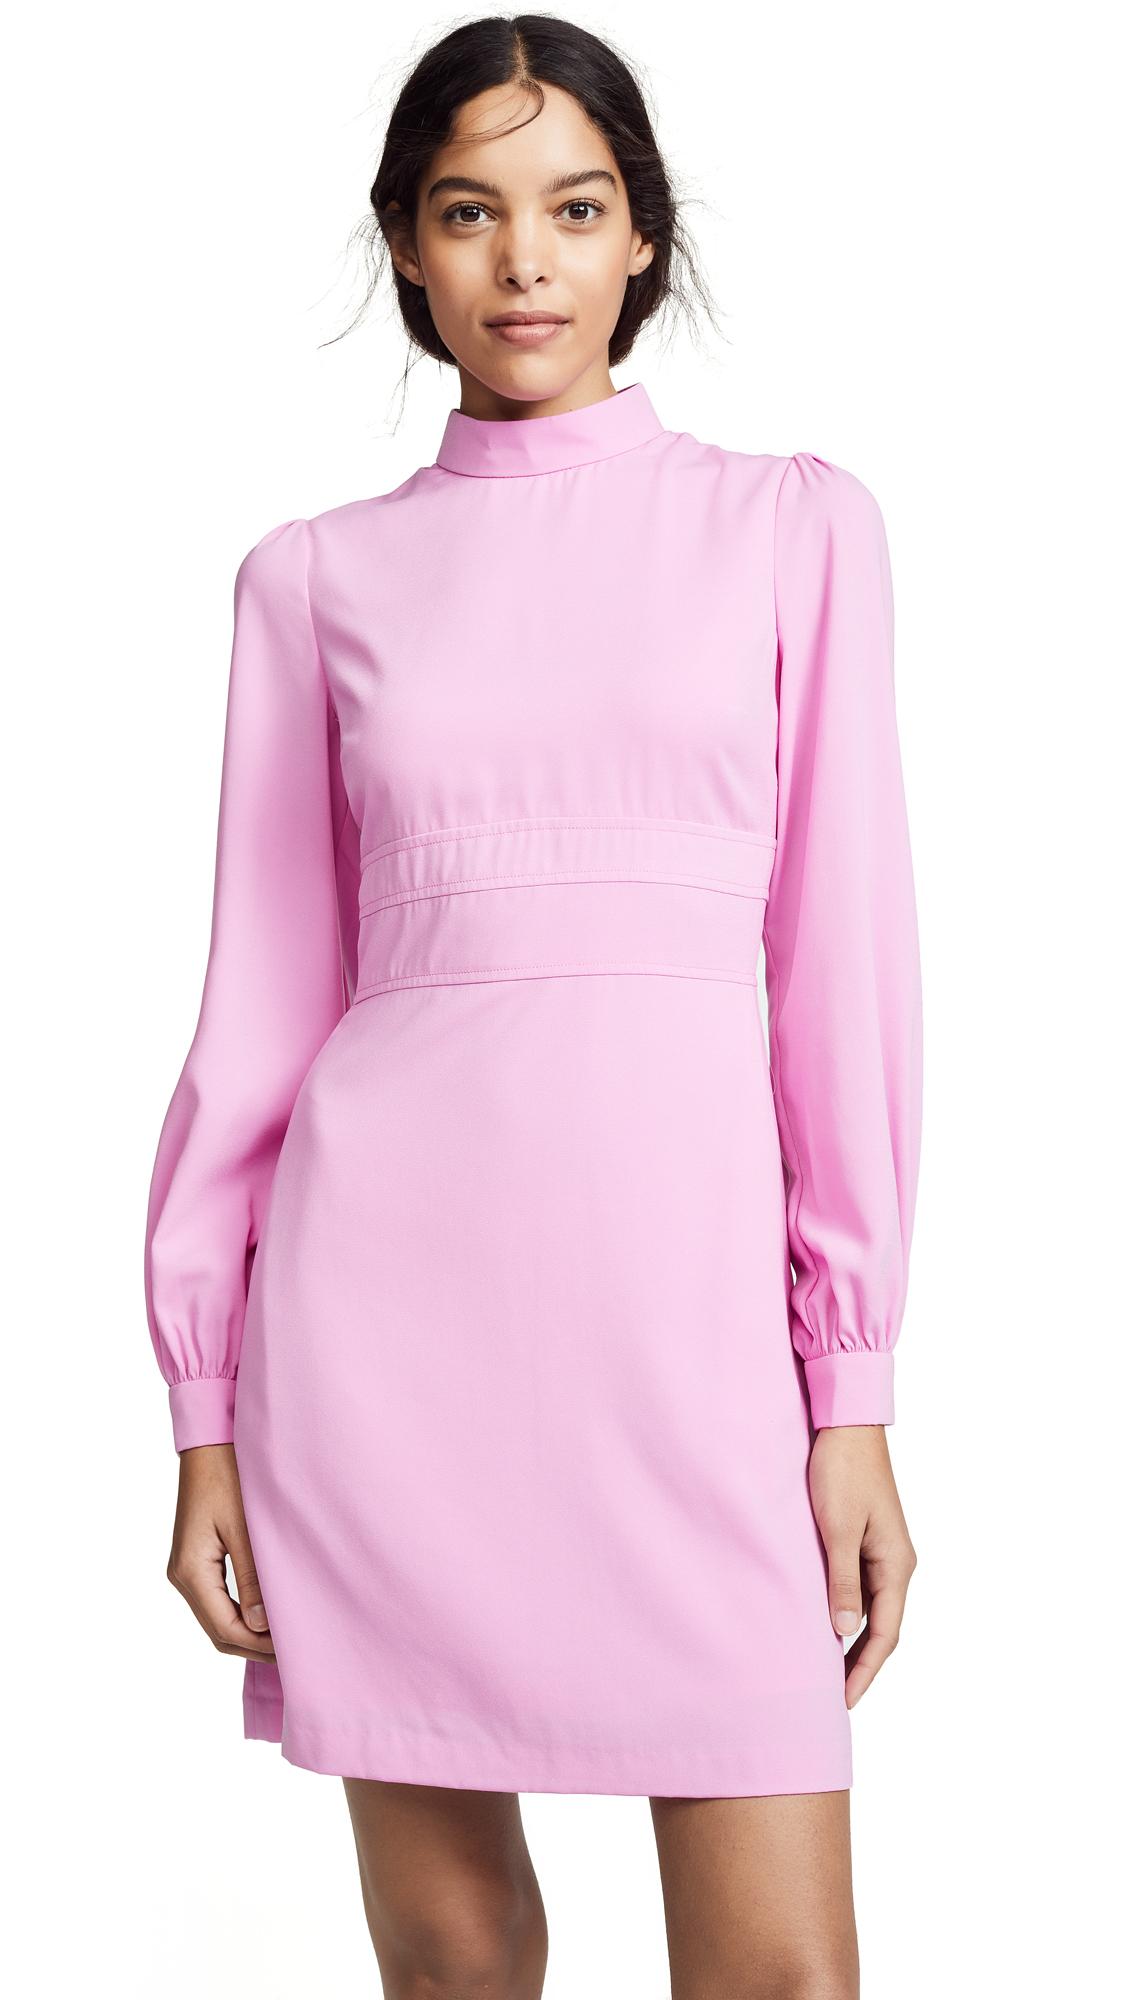 Jill Jill Stuart Puff Sleeve Dress - Sugar Pink